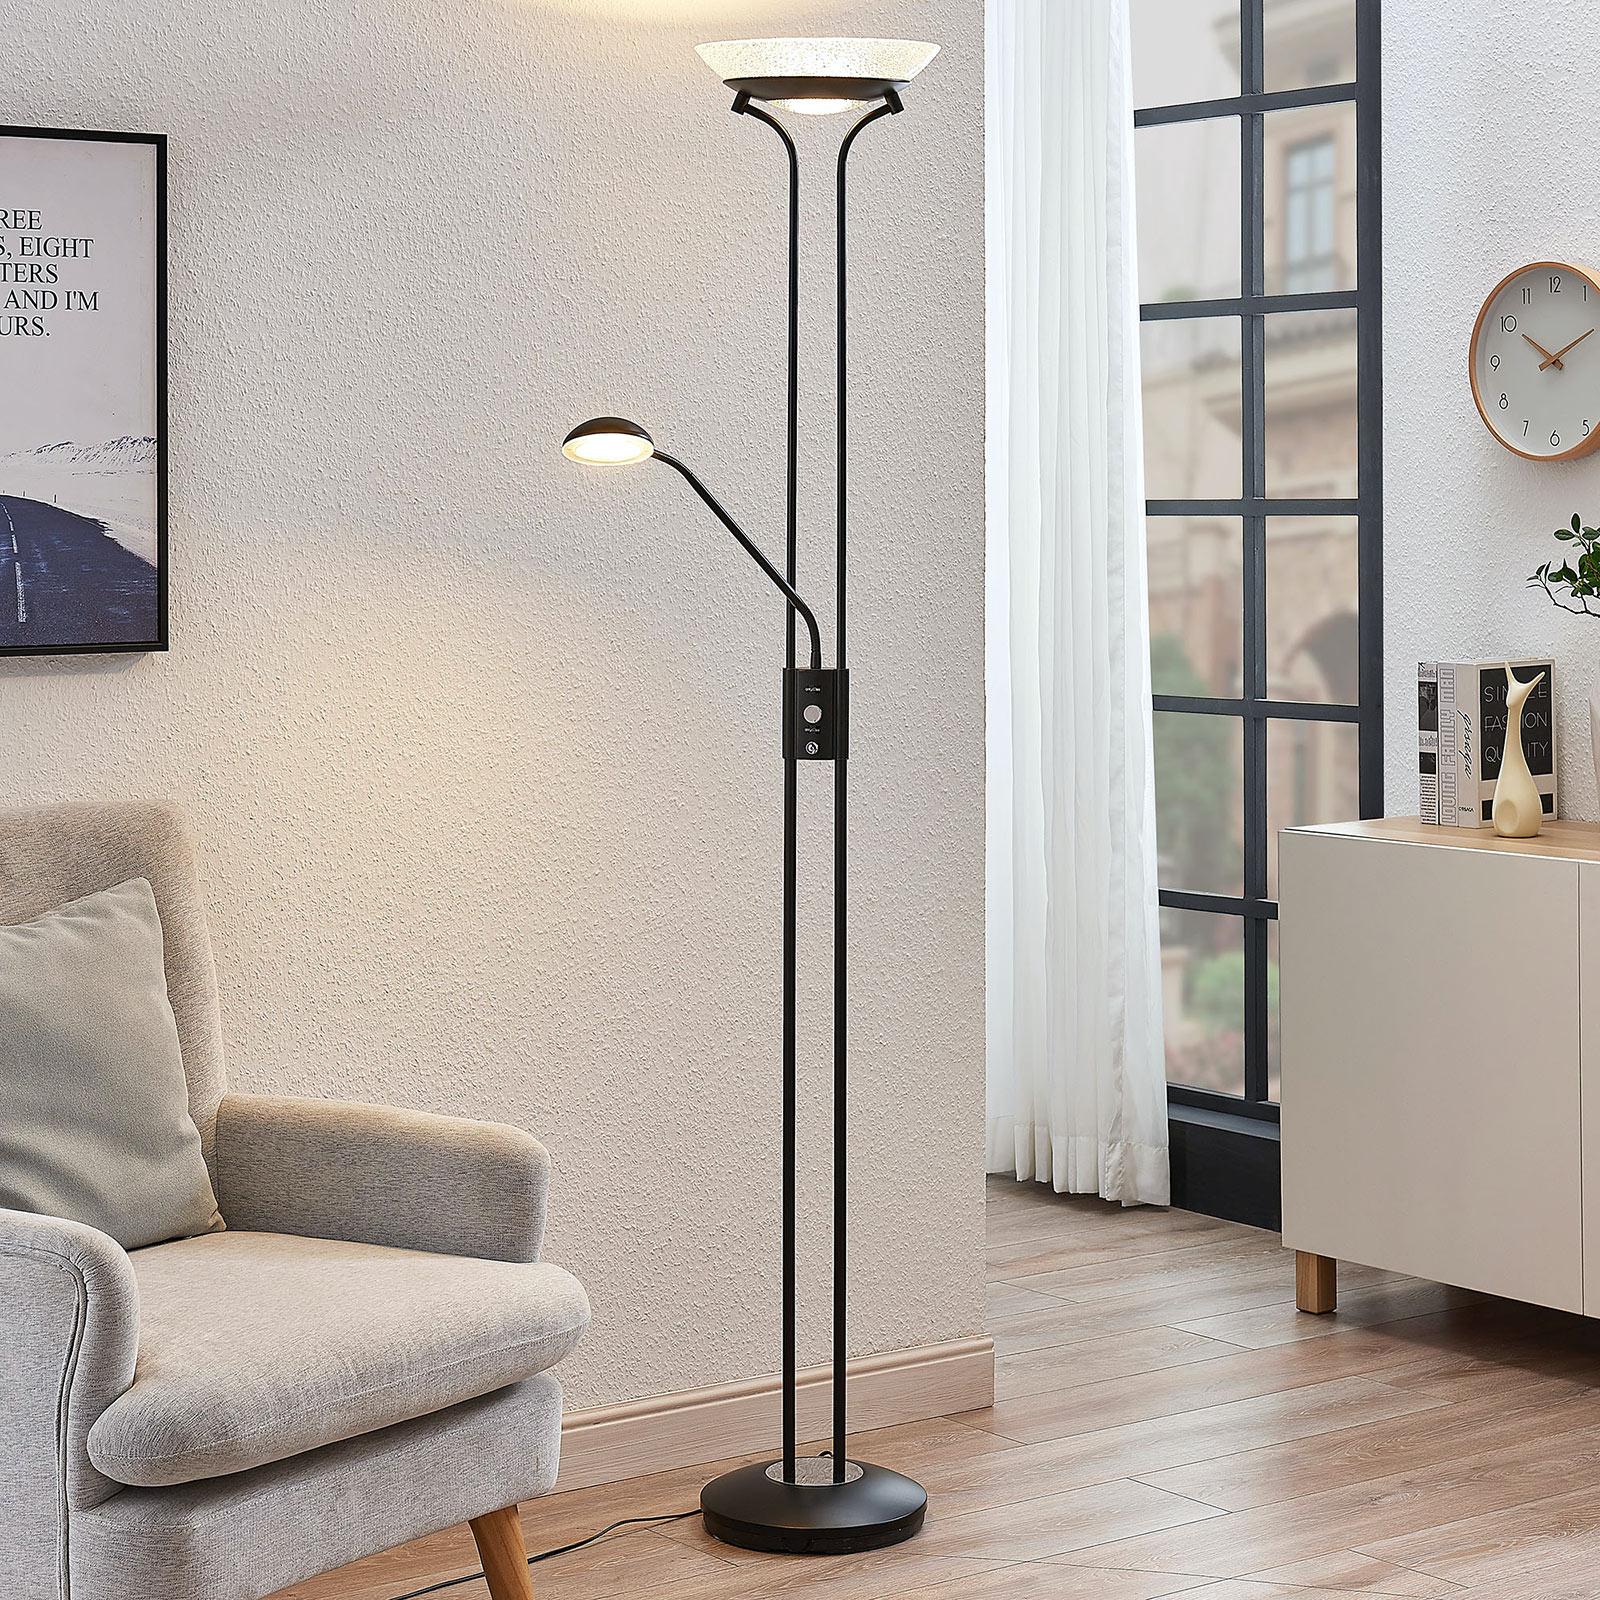 LED-taklampa Dimitra med läslampa, svart